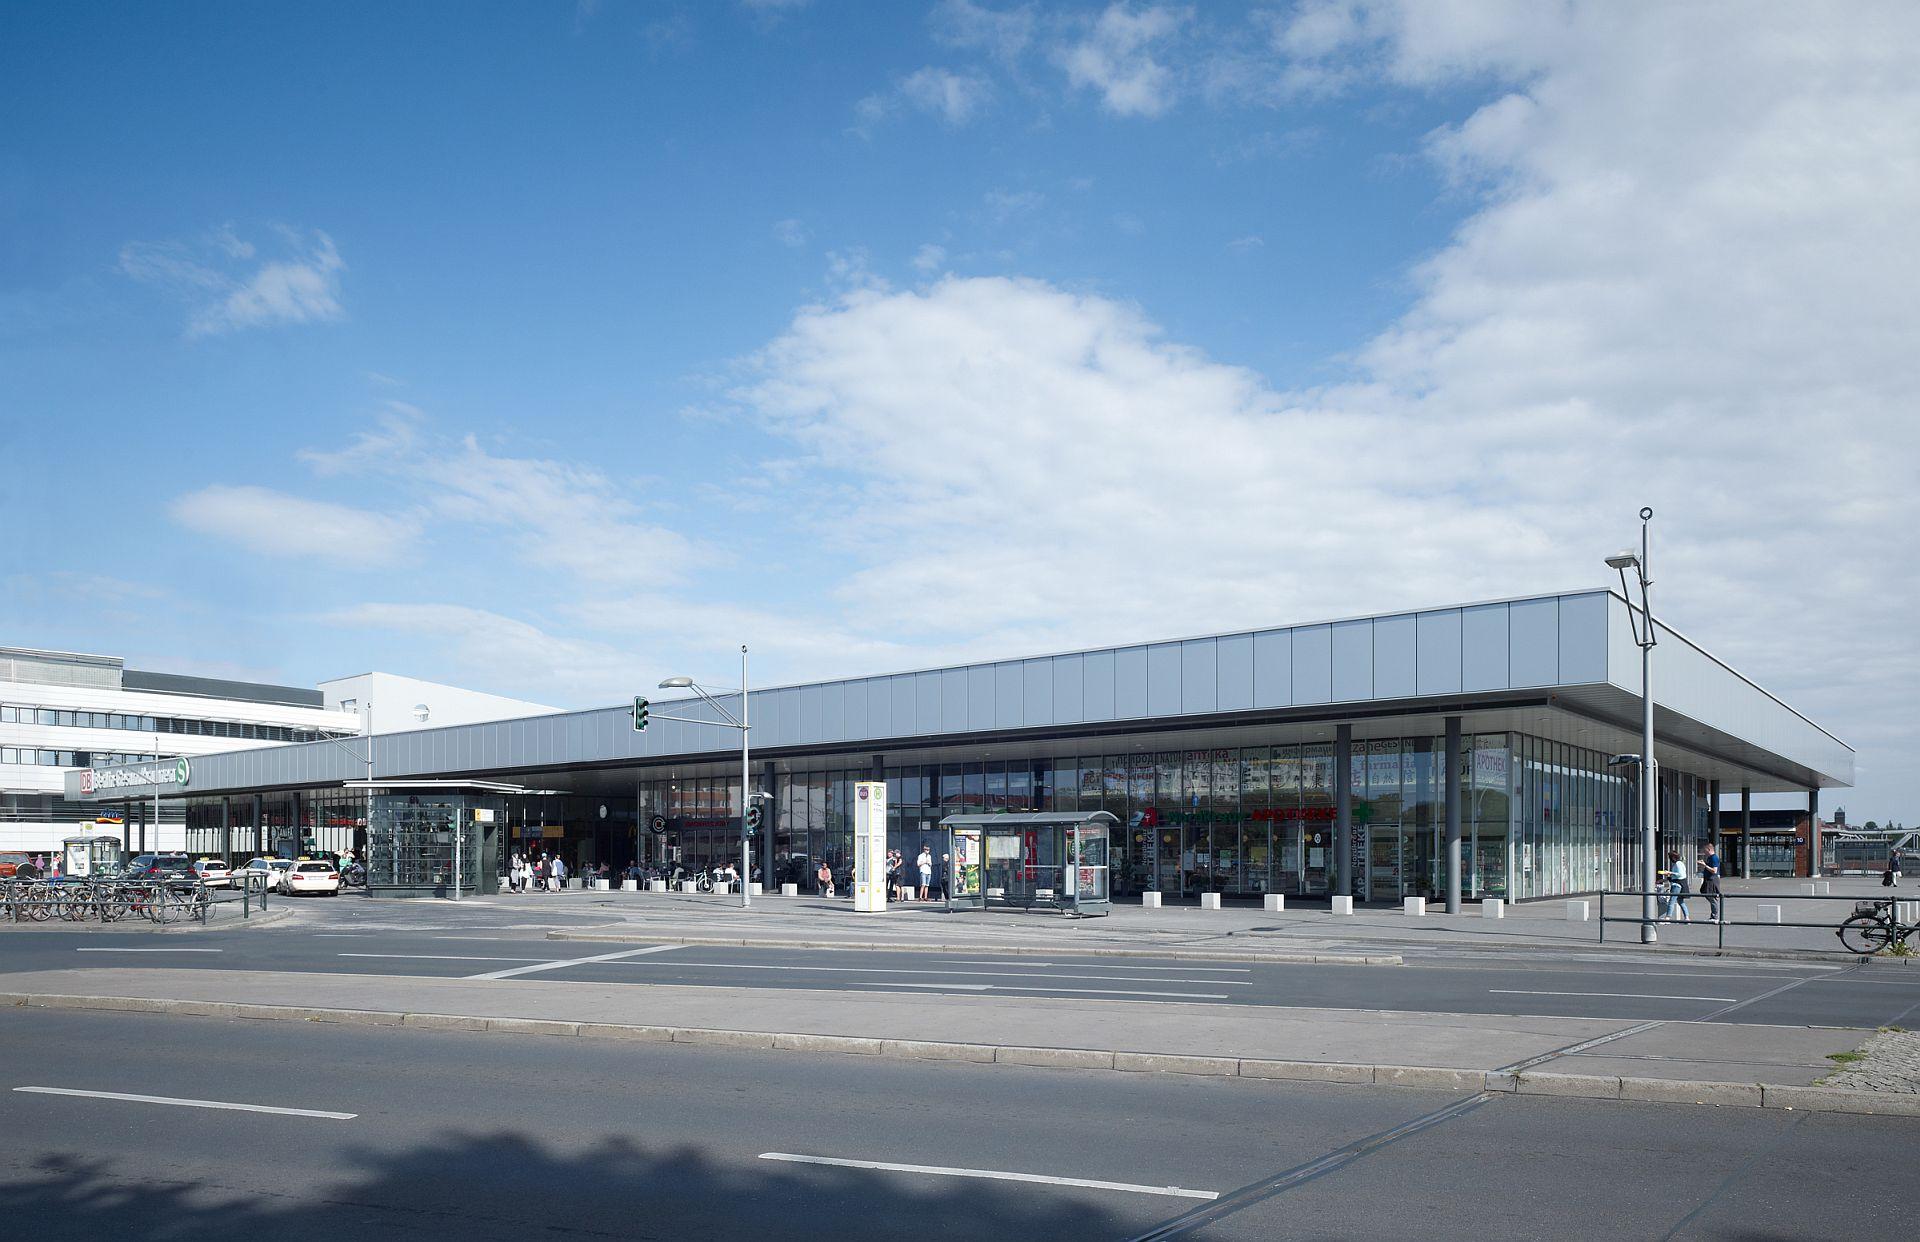 Einkaufsbahnhof Berlin Gesundbrunnen